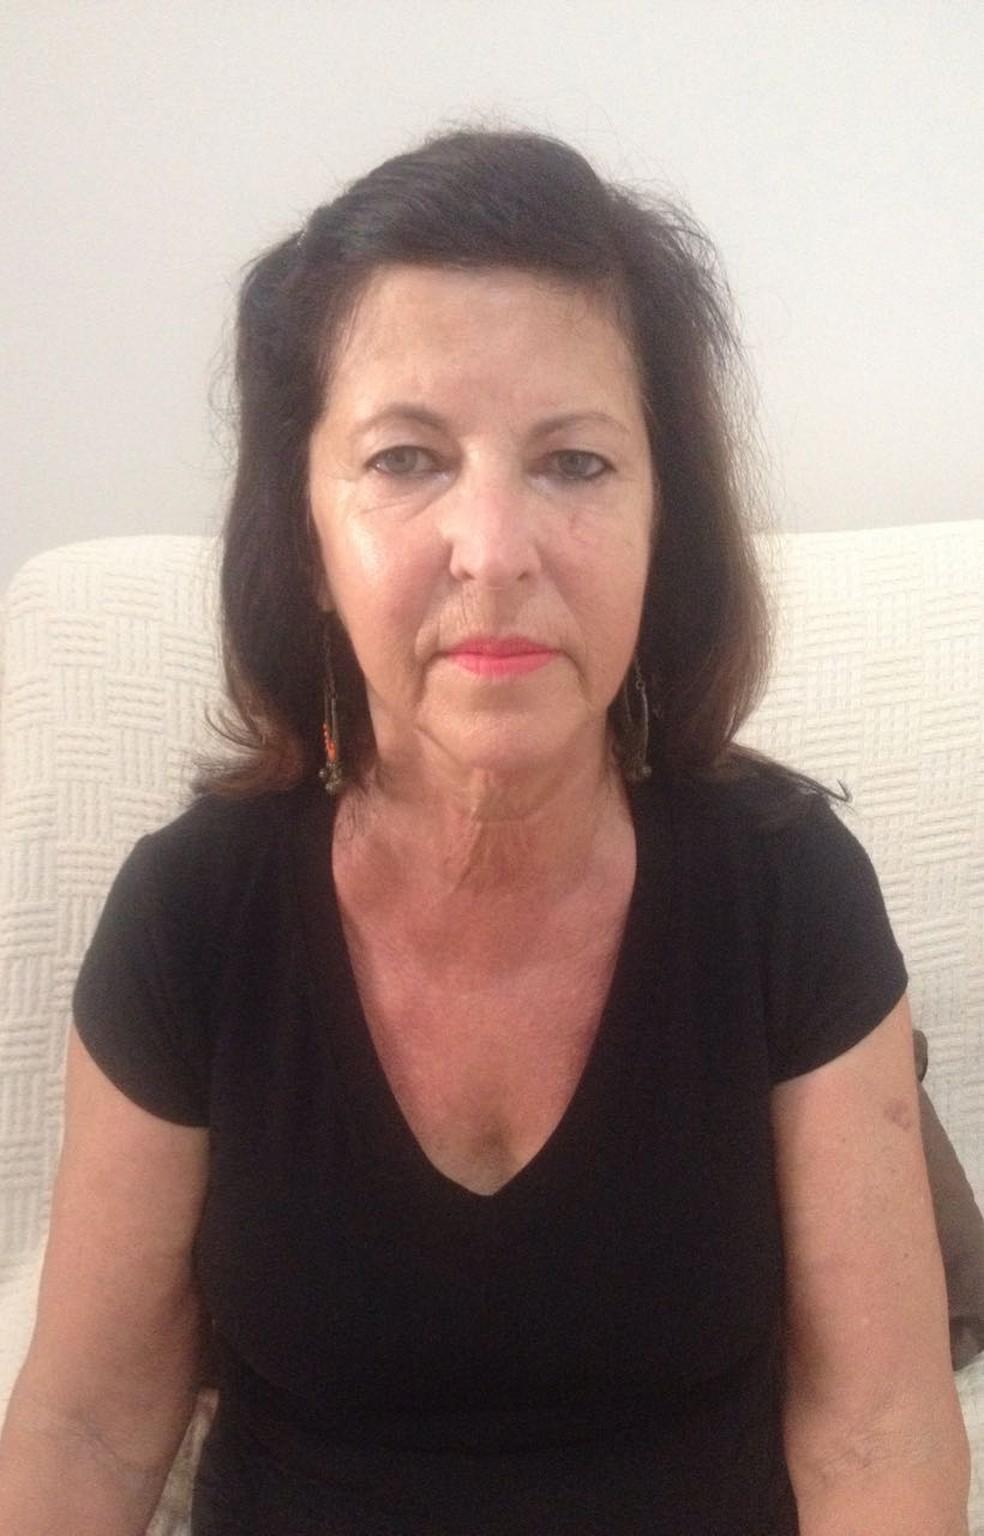 A aposentada Valquiria Valesca Lopes da Silva entregou seu imóvel após receber o valor da entrada, mas, com a demora na liberação do financiamento, ficou sem o restante do valor e está pagando aluguel (Foto: Arquivo pessoal)